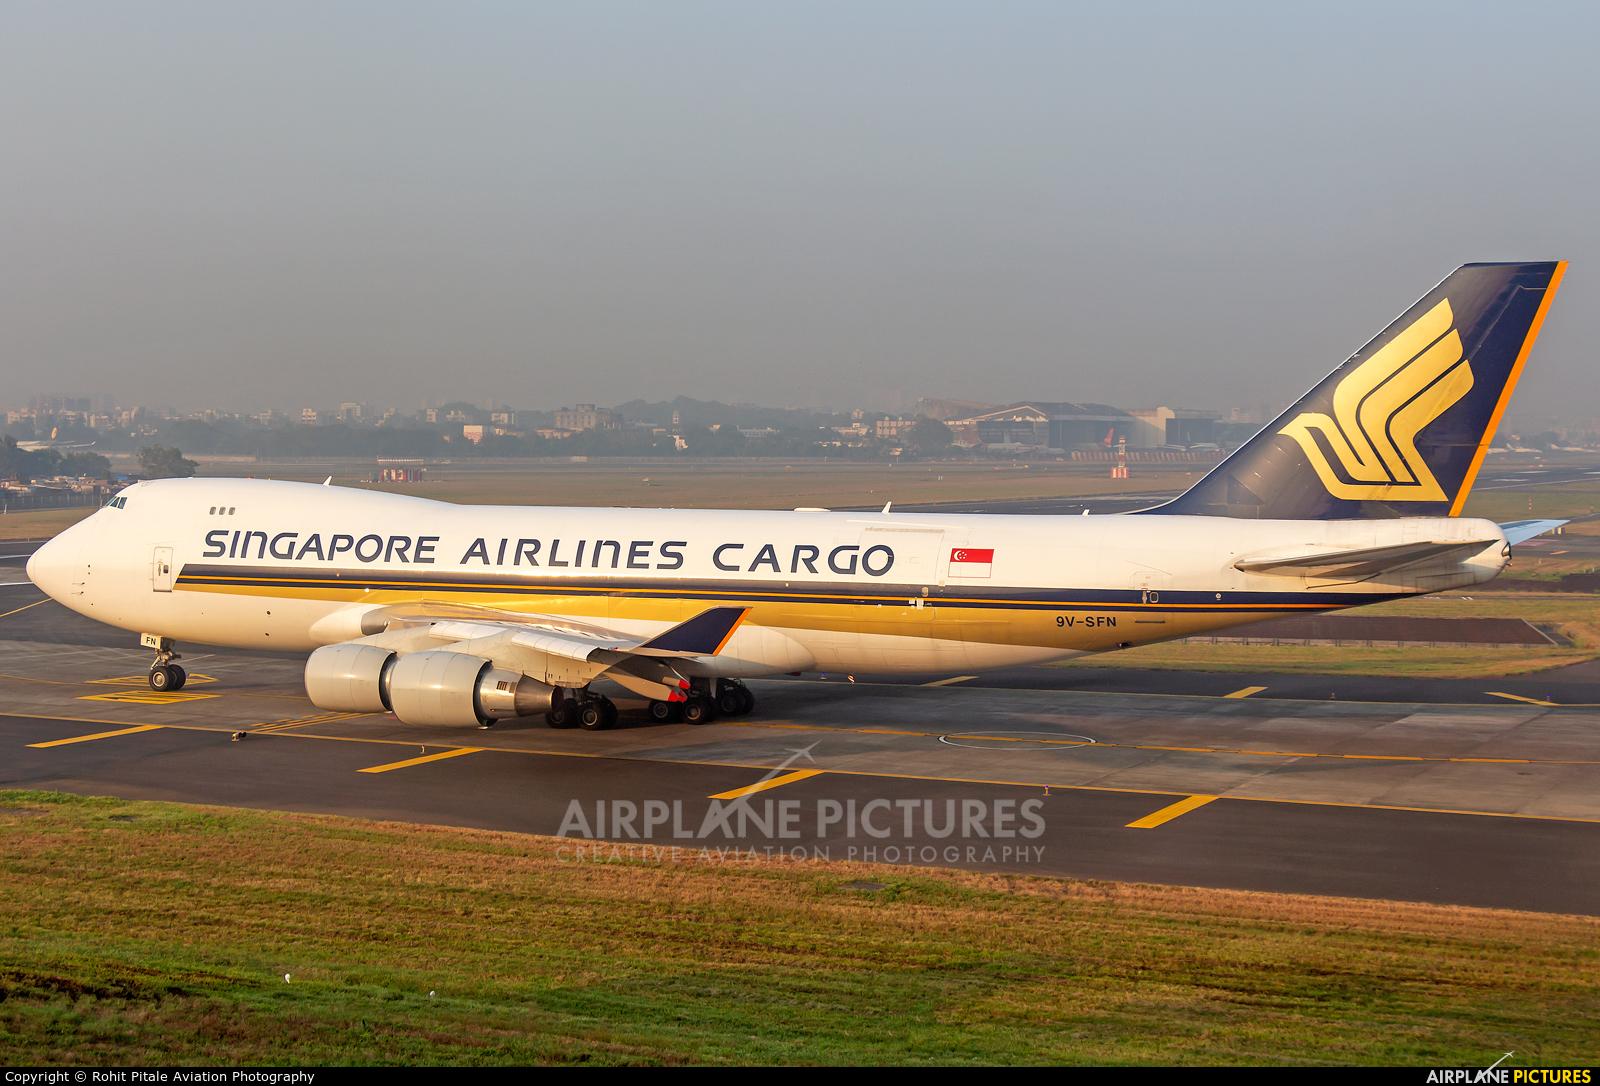 Singapore Airlines Cargo 9V-SFN aircraft at Mumbai - Chhatrapati Shivaji Intl